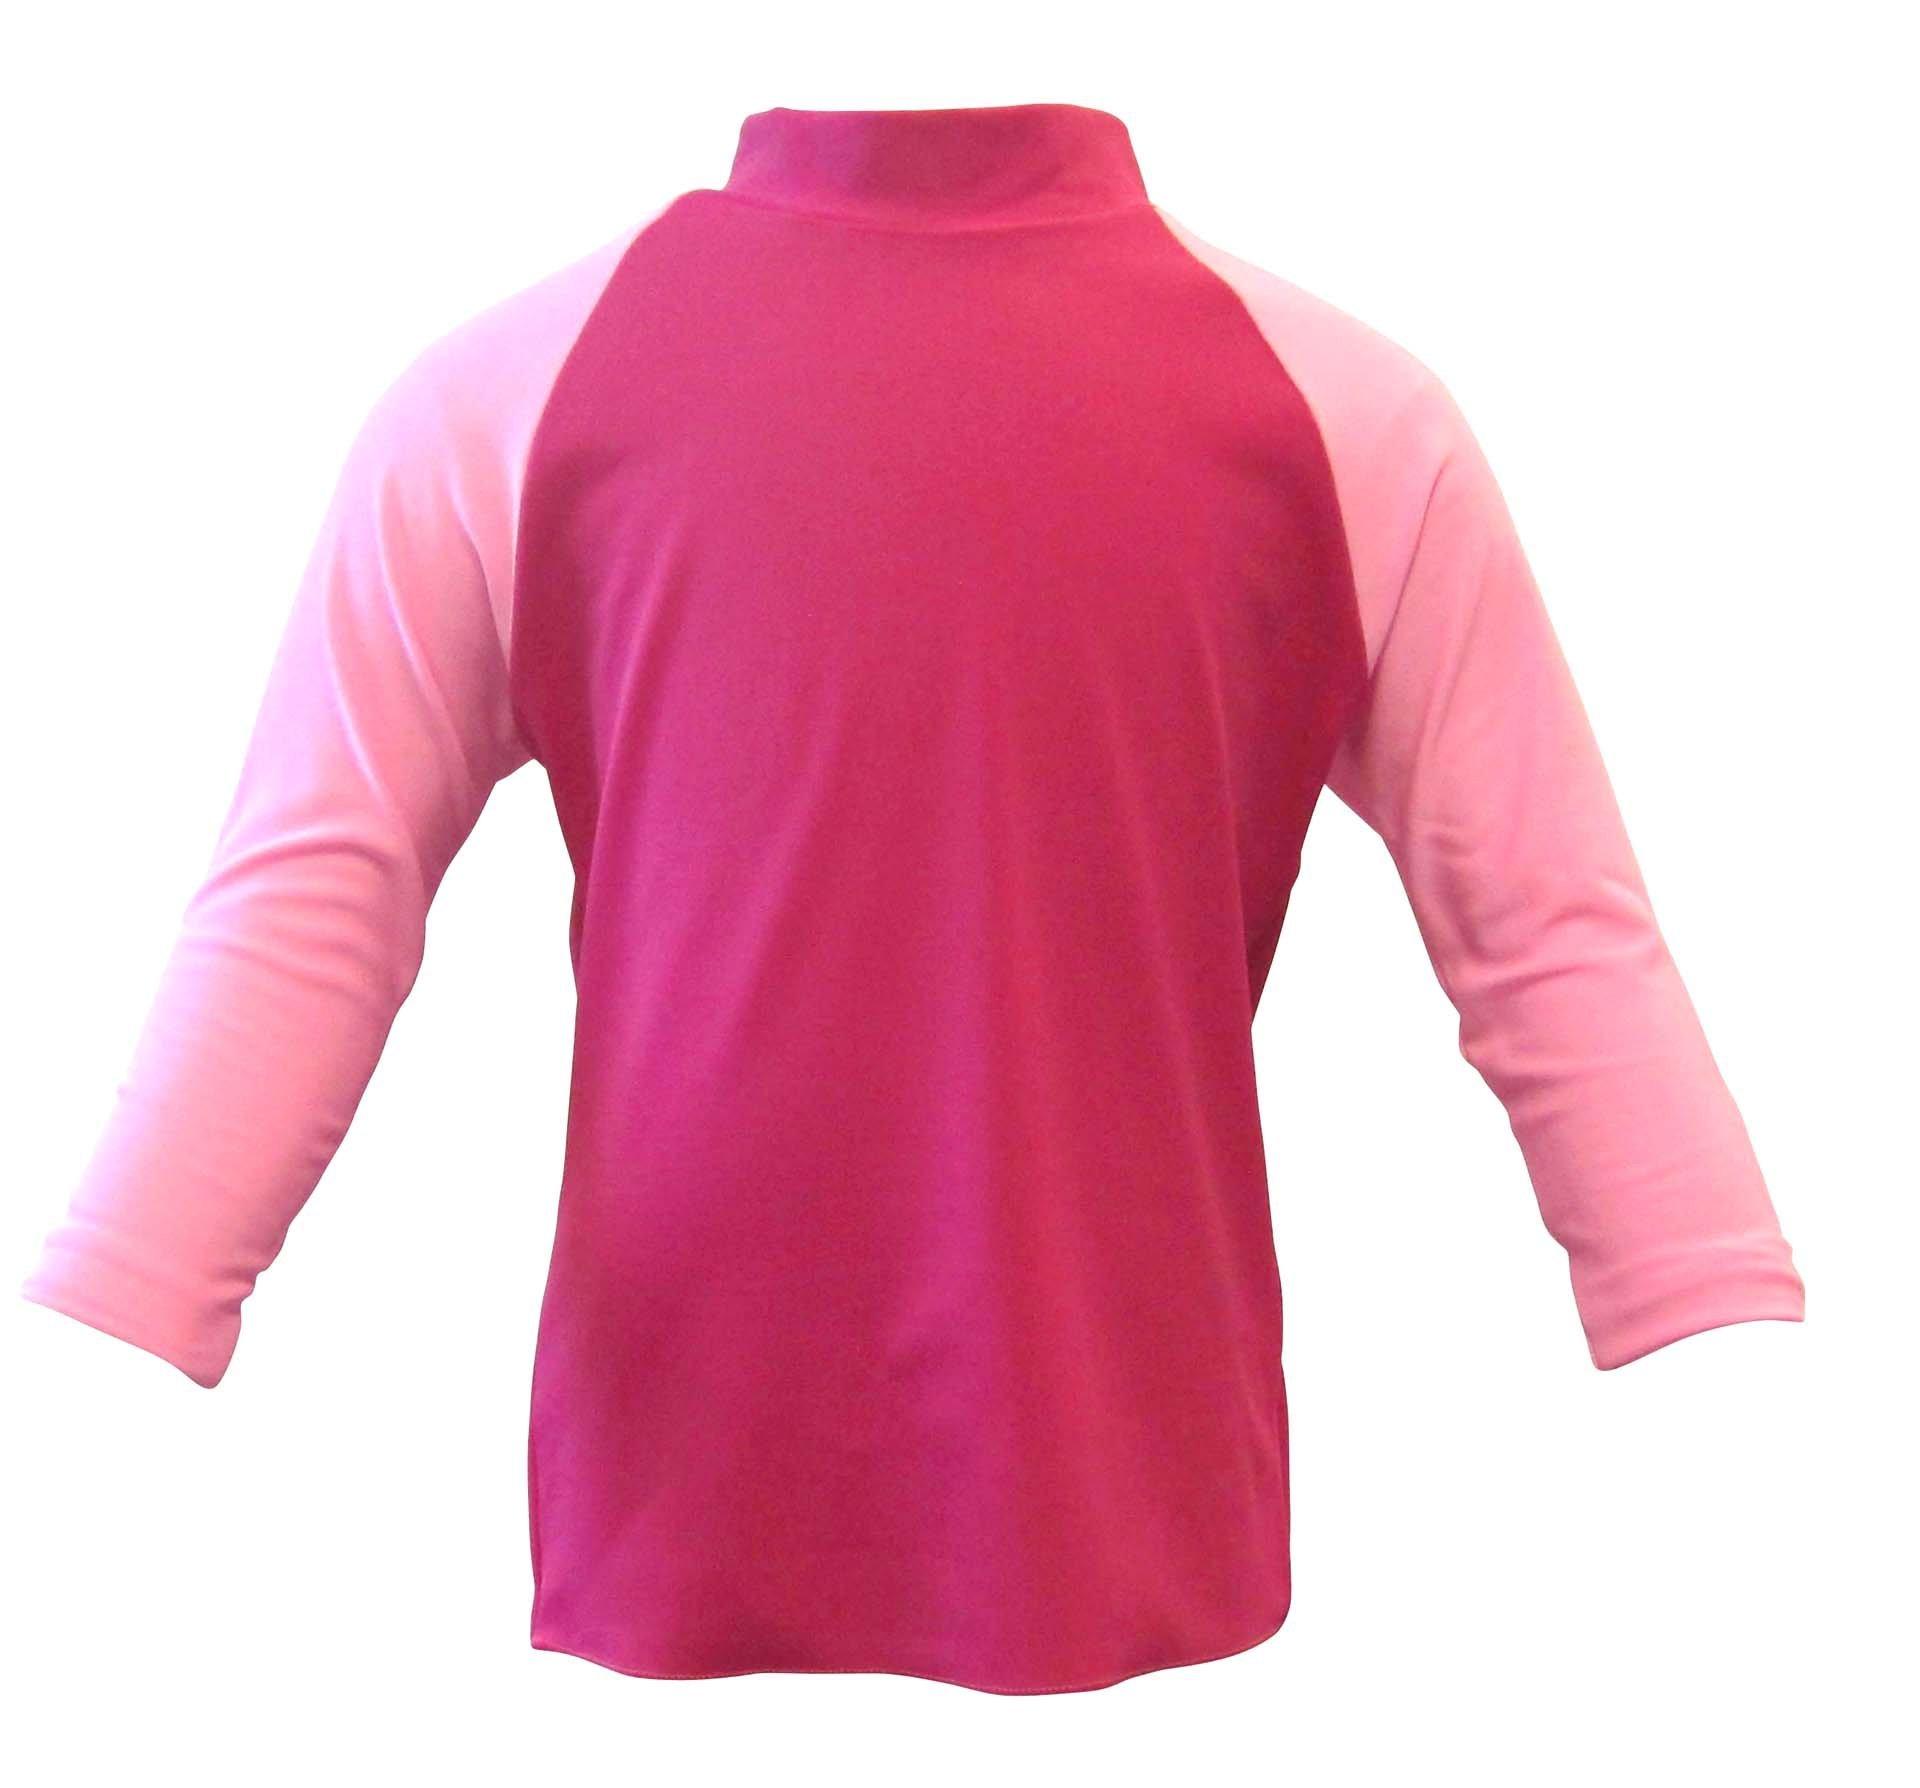 a9c283985d98 UV kläder / solskyddskläder, badtröja med lång .. (352987285) ᐈ Köp ...